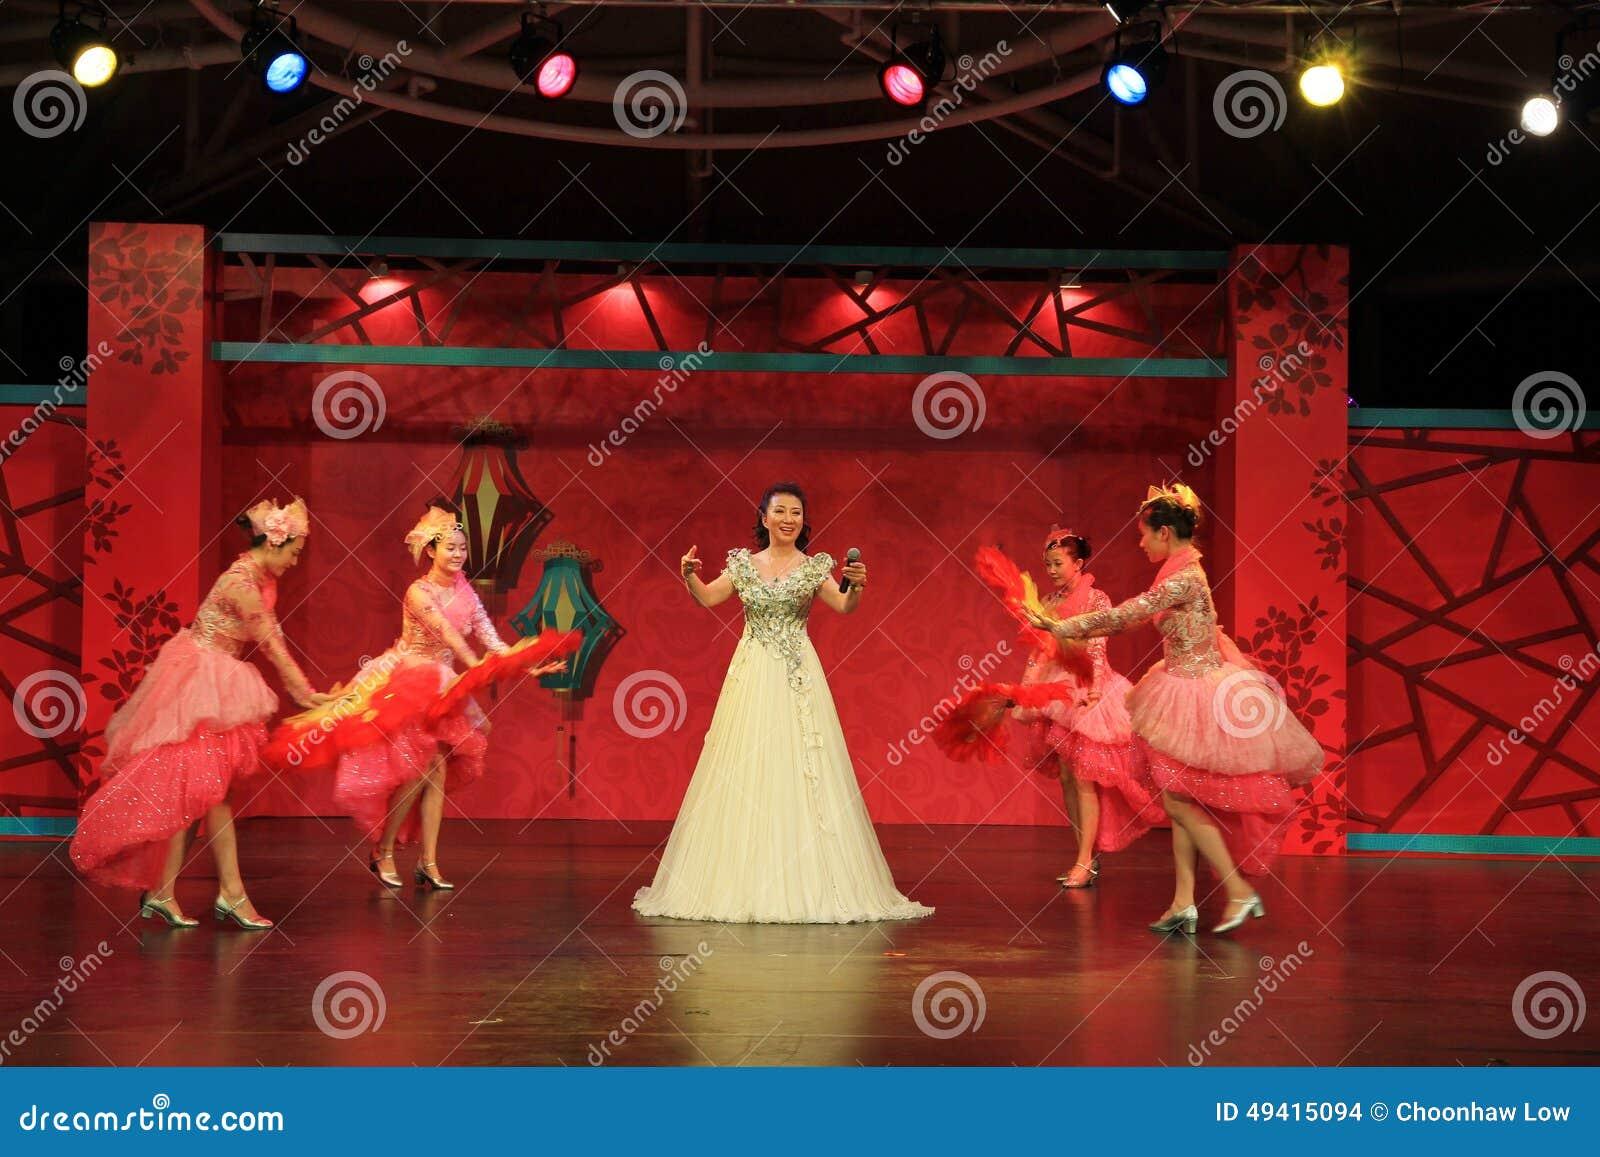 Download Gesang und Tanzen, redaktionelles stockbild. Bild von dynamisch - 49415094